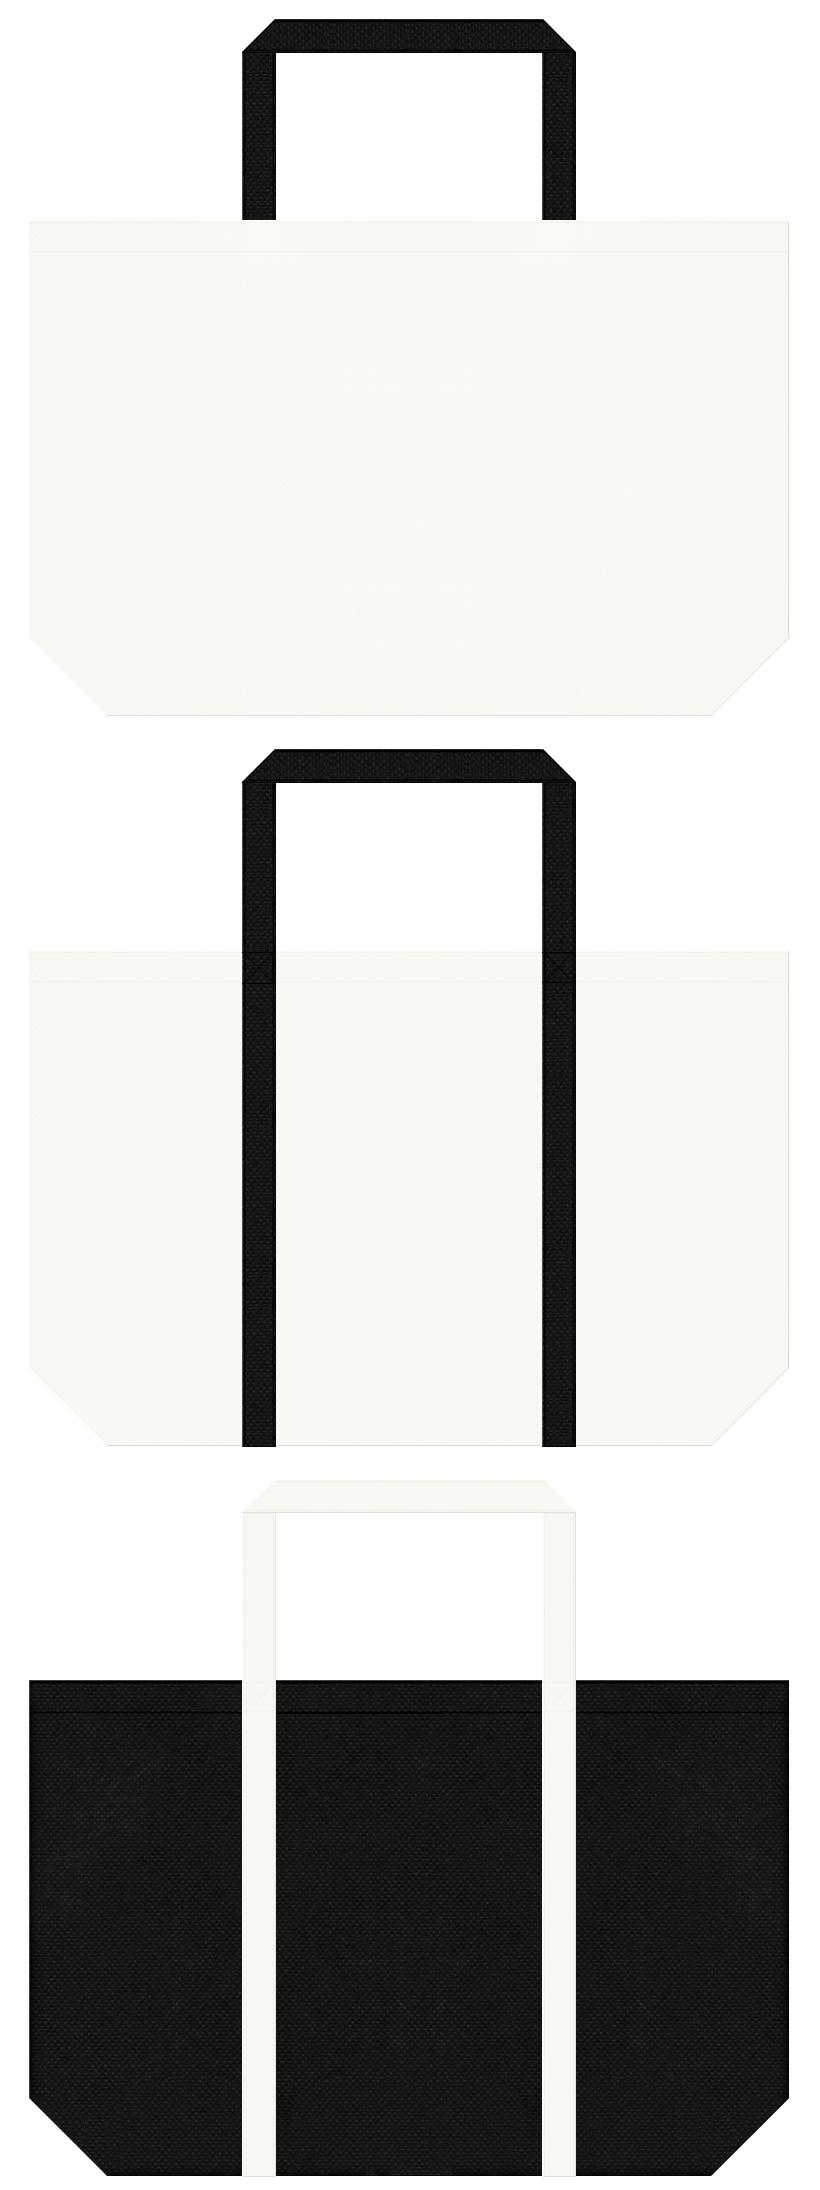 タイヤ・ホイール・カー用品・ゴスロリ・ドレス・ワンピース・コルセット・ヘアーサロン・ネイルサロン・猫・ハロウィン・コスプレイベント・和風柄・お城イベントにお奨めの不織布バッグデザイン:オフホワイト色と黒色のコーデ